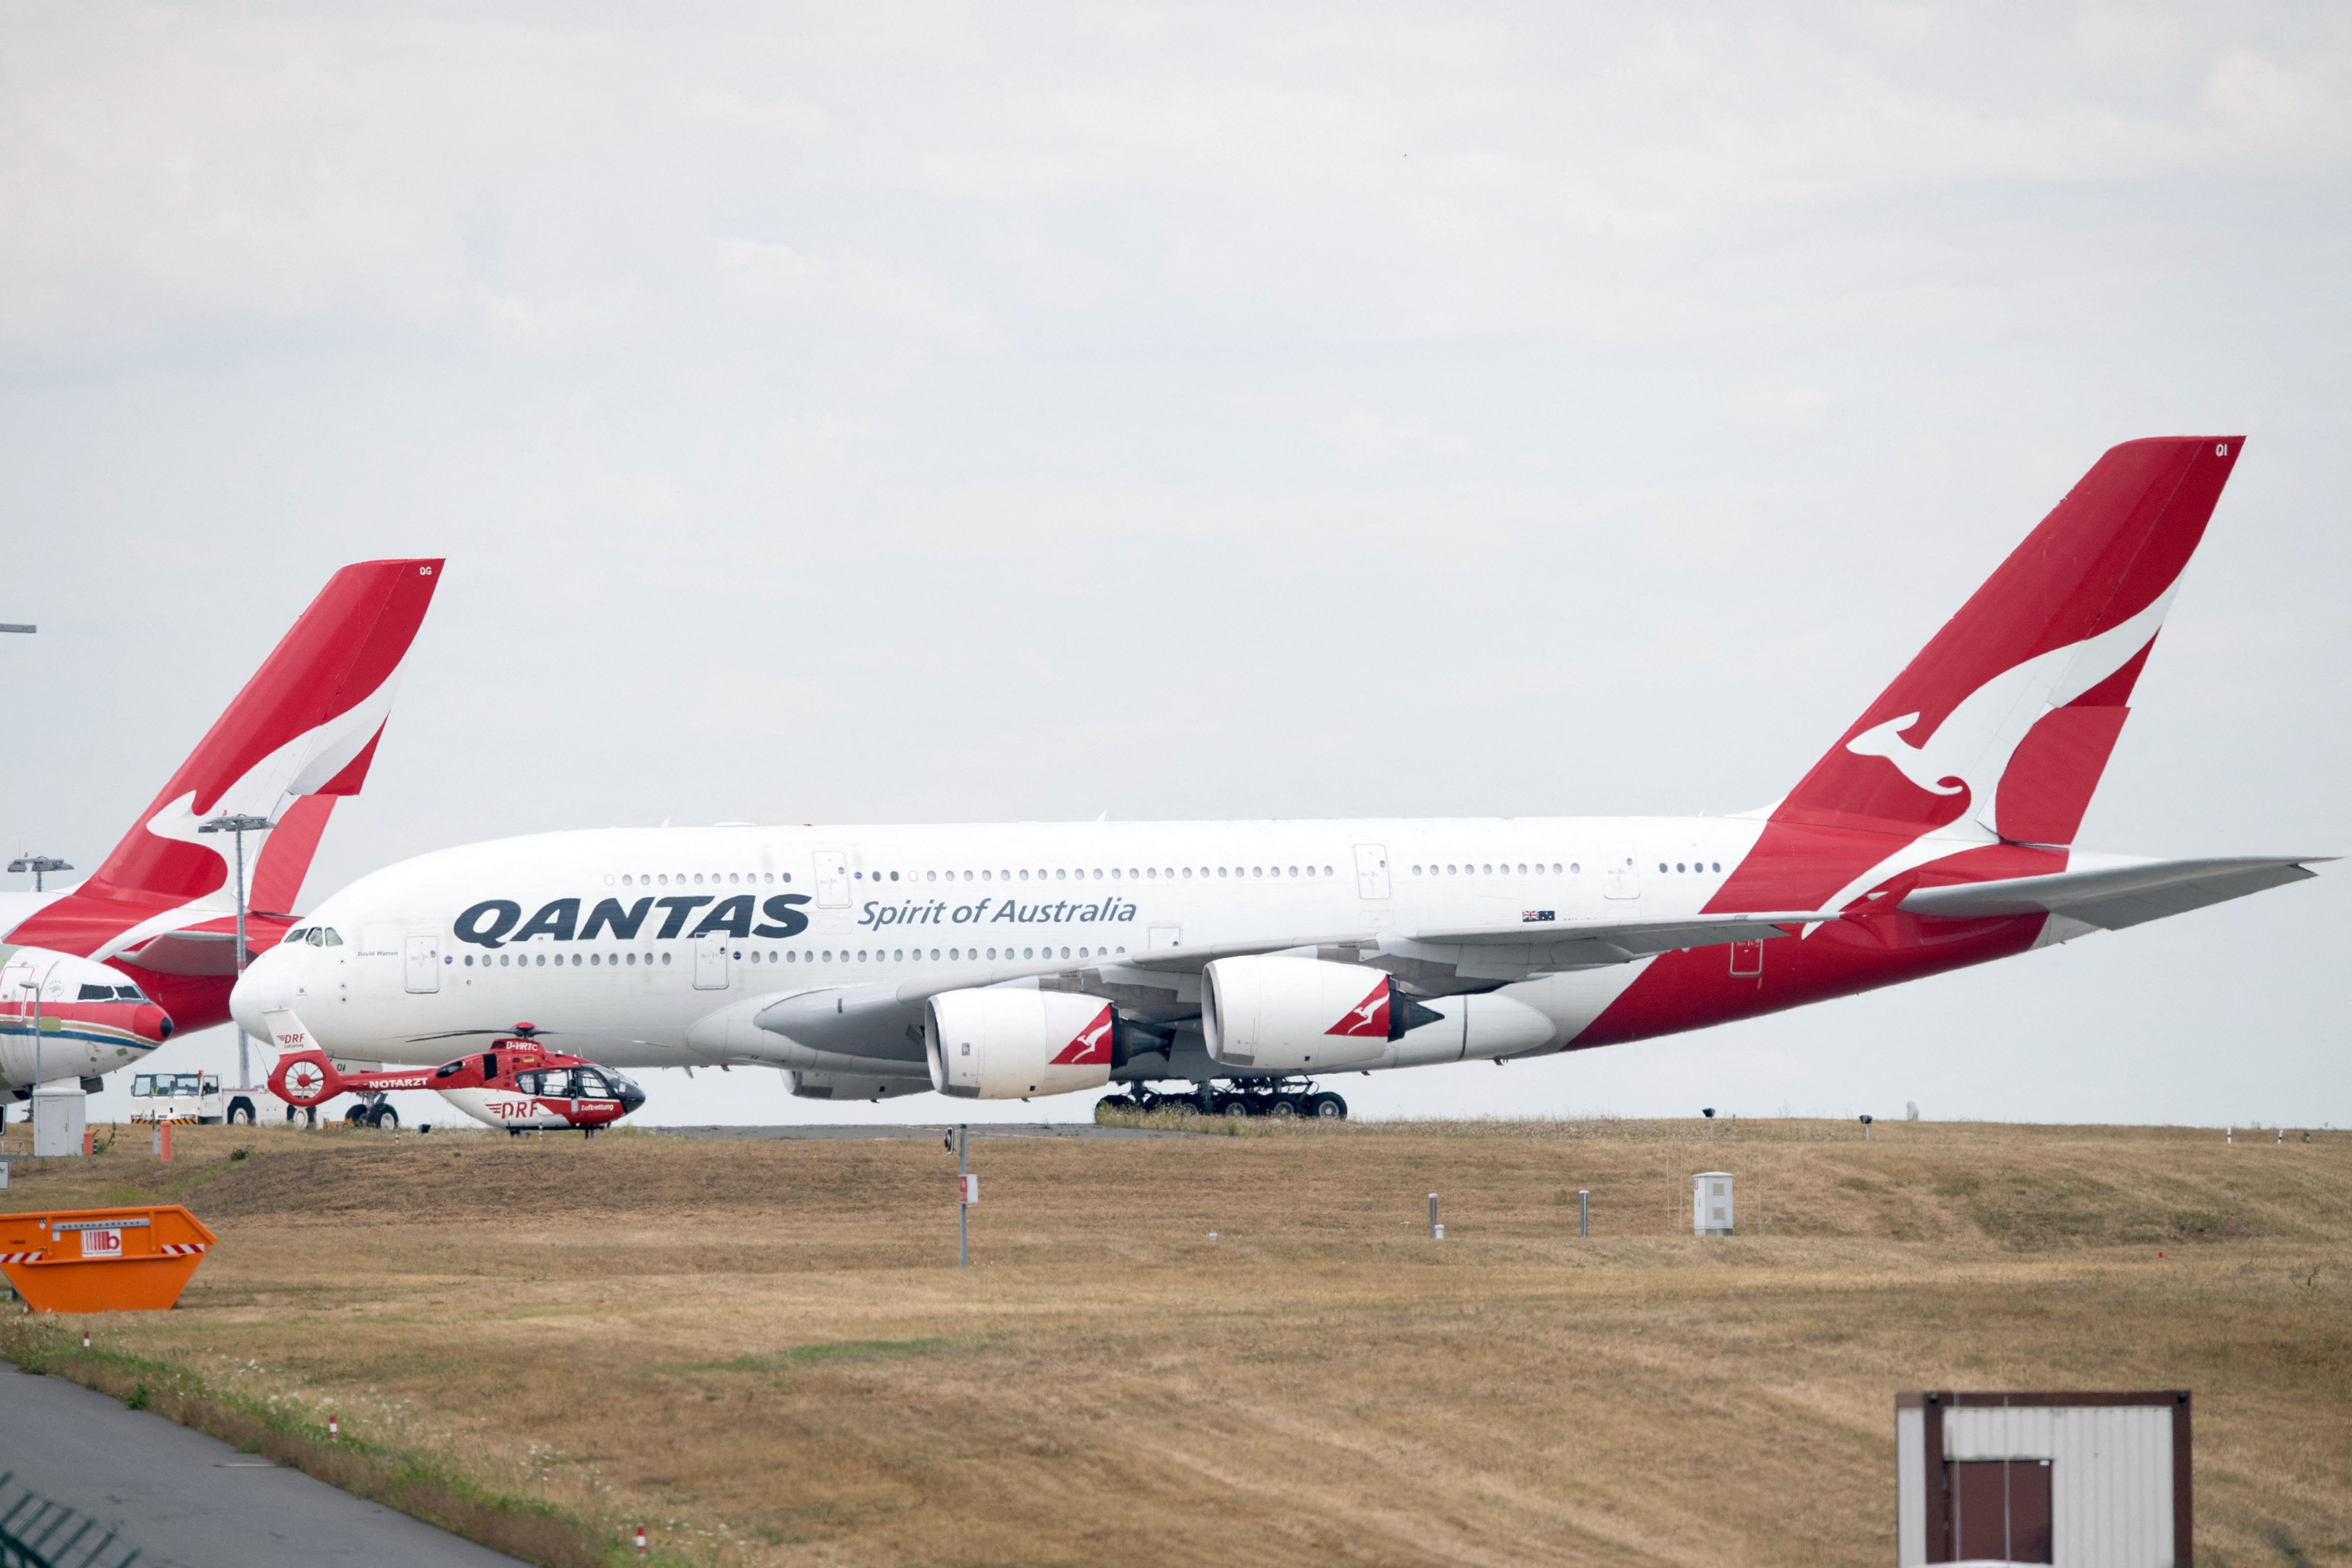 Egymilliárd dolláros jegyet állított ki az ausztrál légitársaság